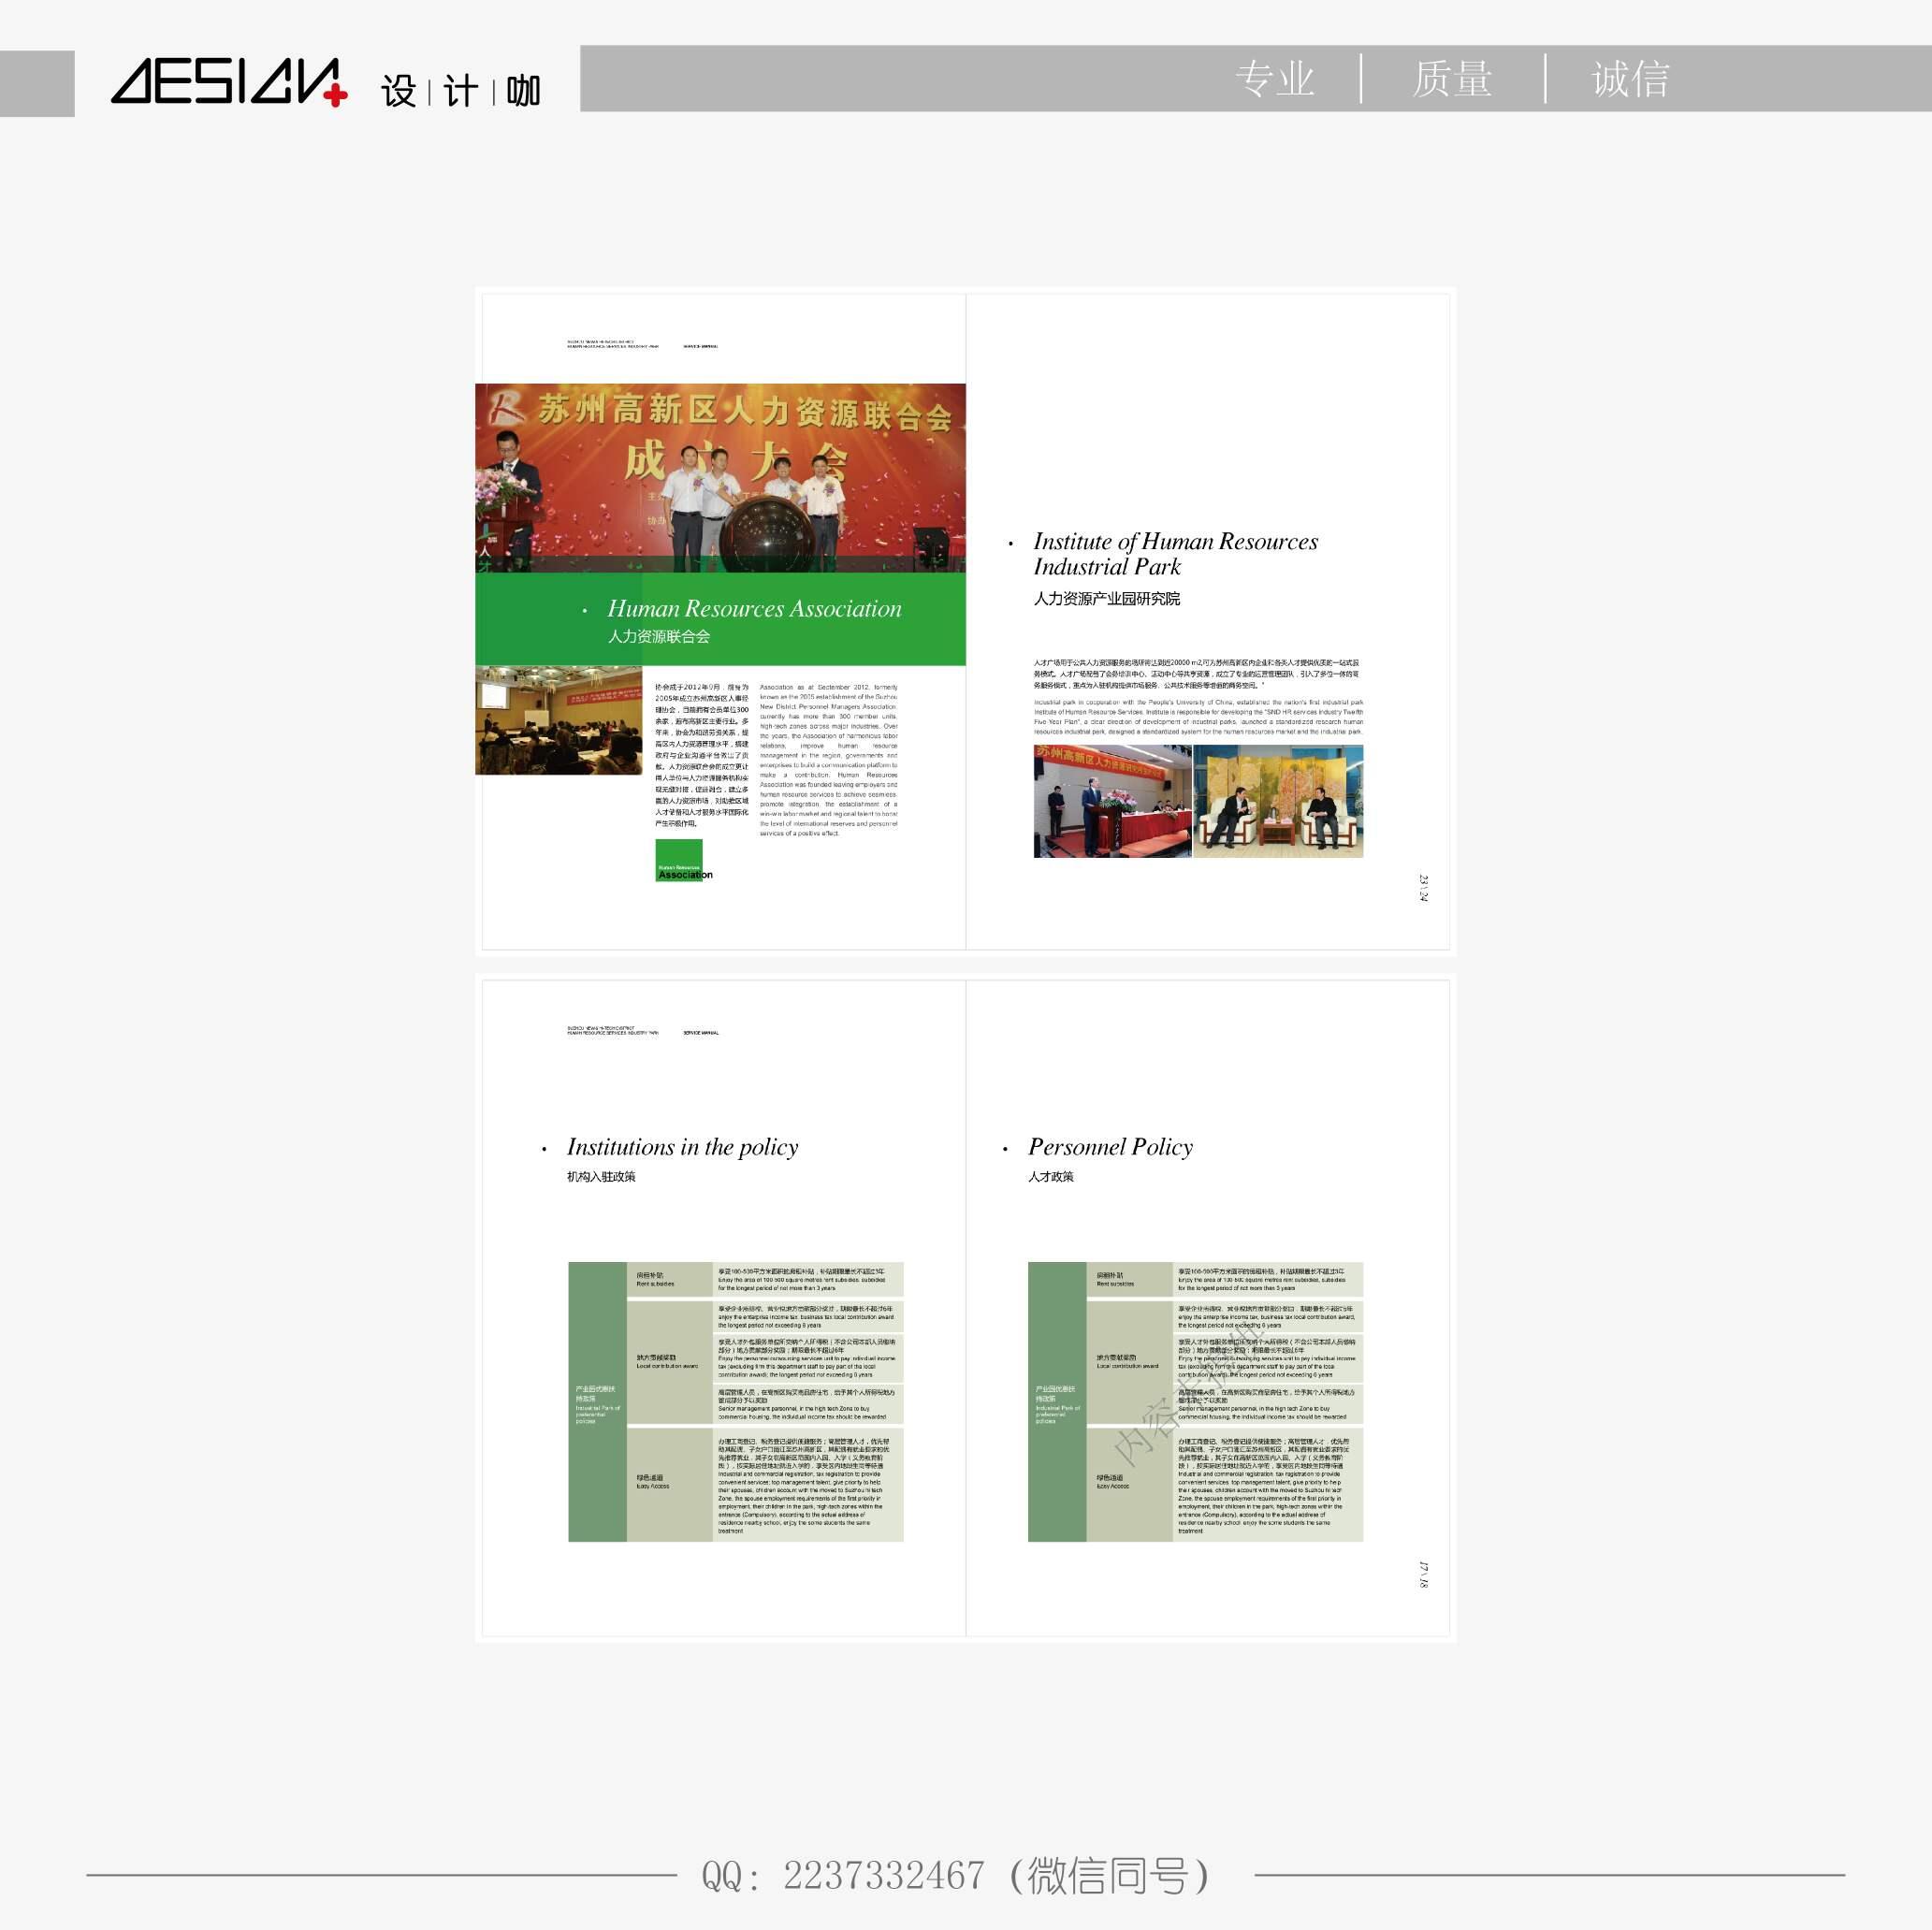 品牌_设计咖机械案例文化展示_一品威客网画册有关设计科学家图片